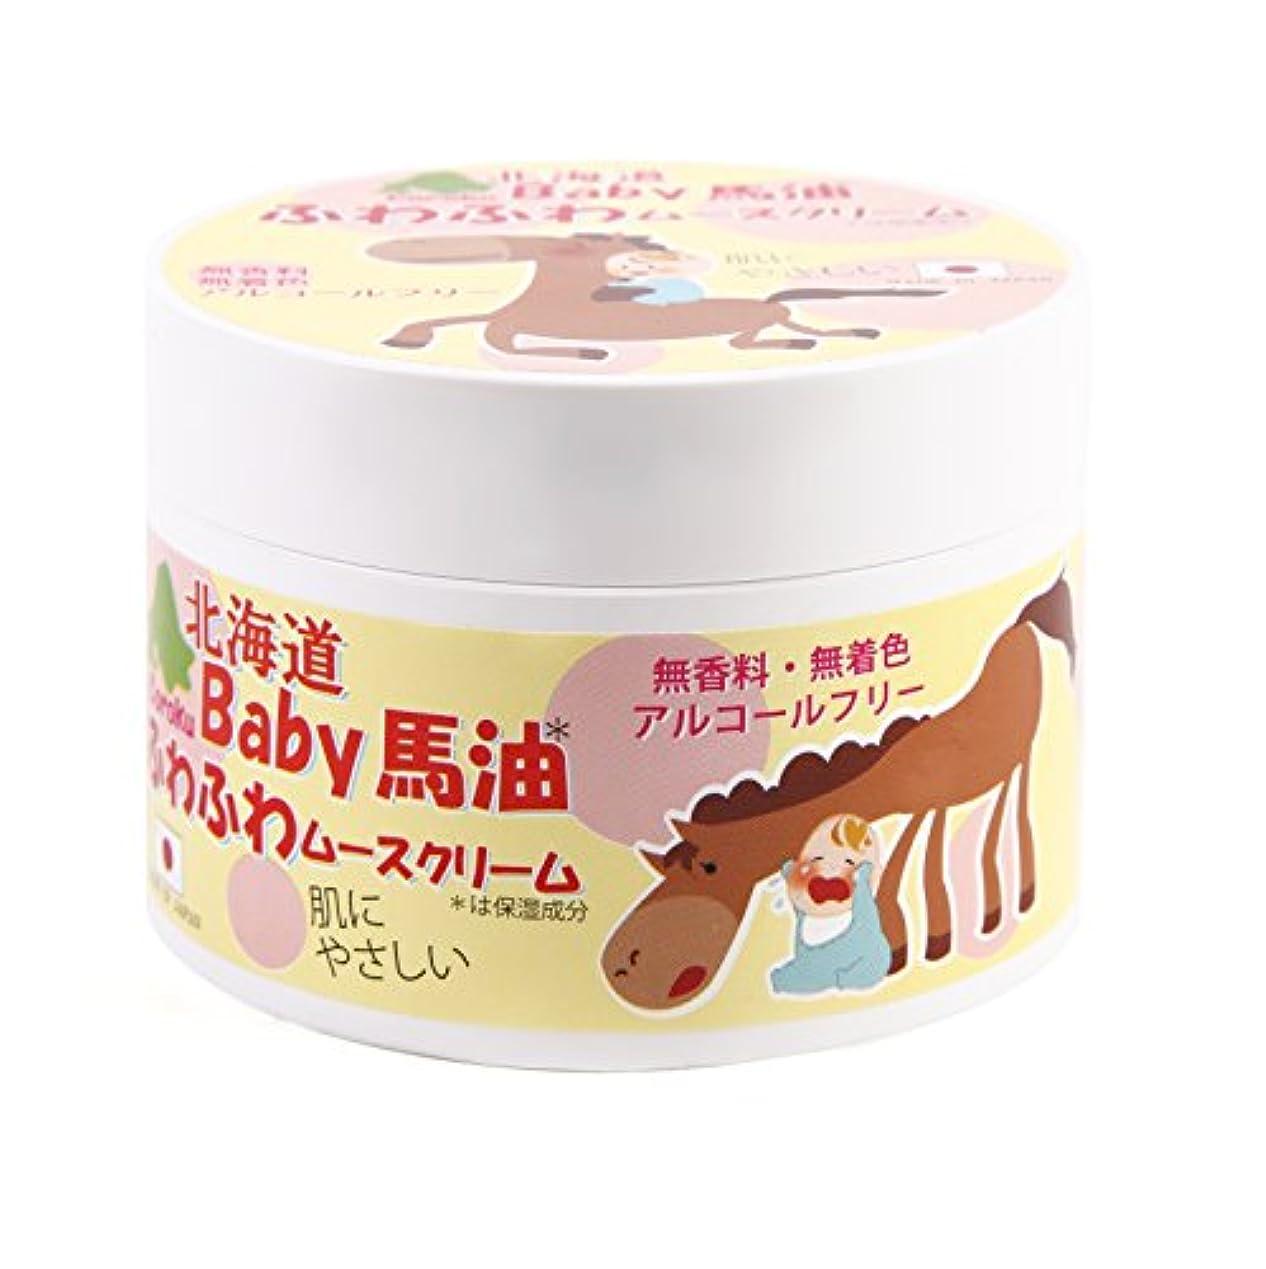 パーティー気がついて貴重な小六 北海道Baby馬油 ふわふわムースクリーム 200mL